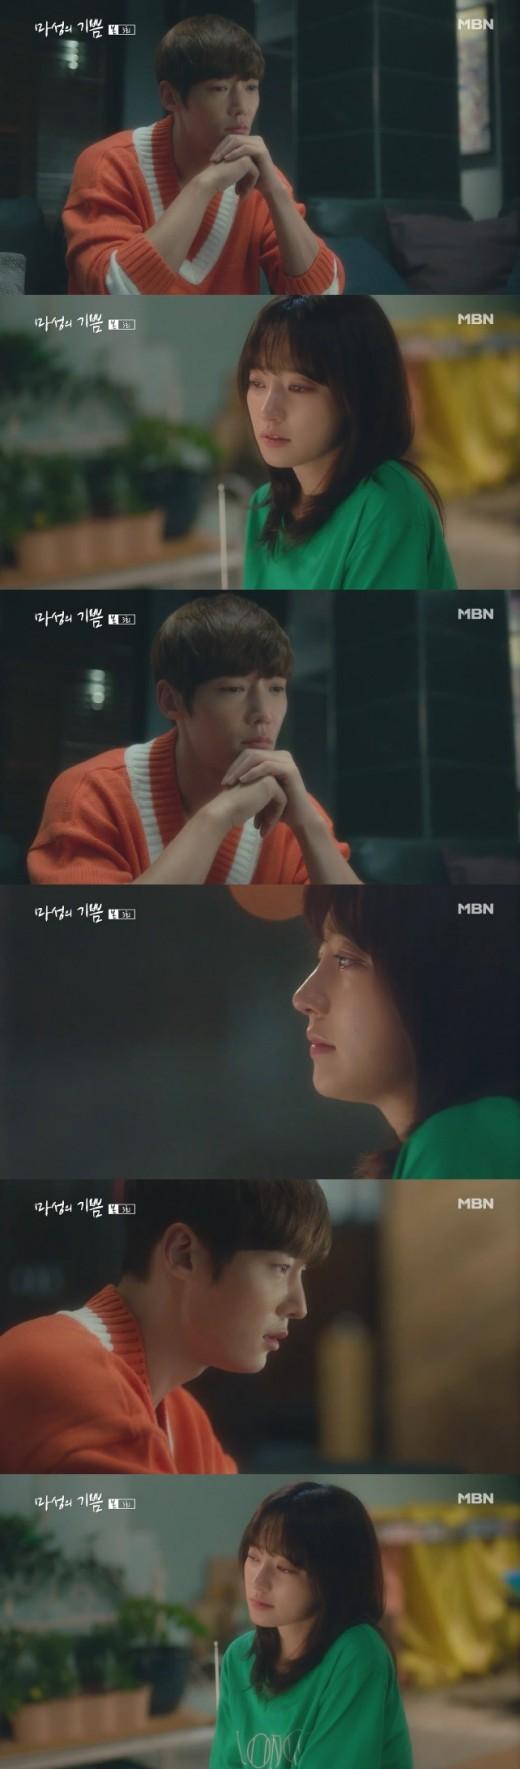 '마성의 기쁨' 최진혁, 송하윤 노래 듣고 눈물 펑펑…기억 떠오를까 _이미지